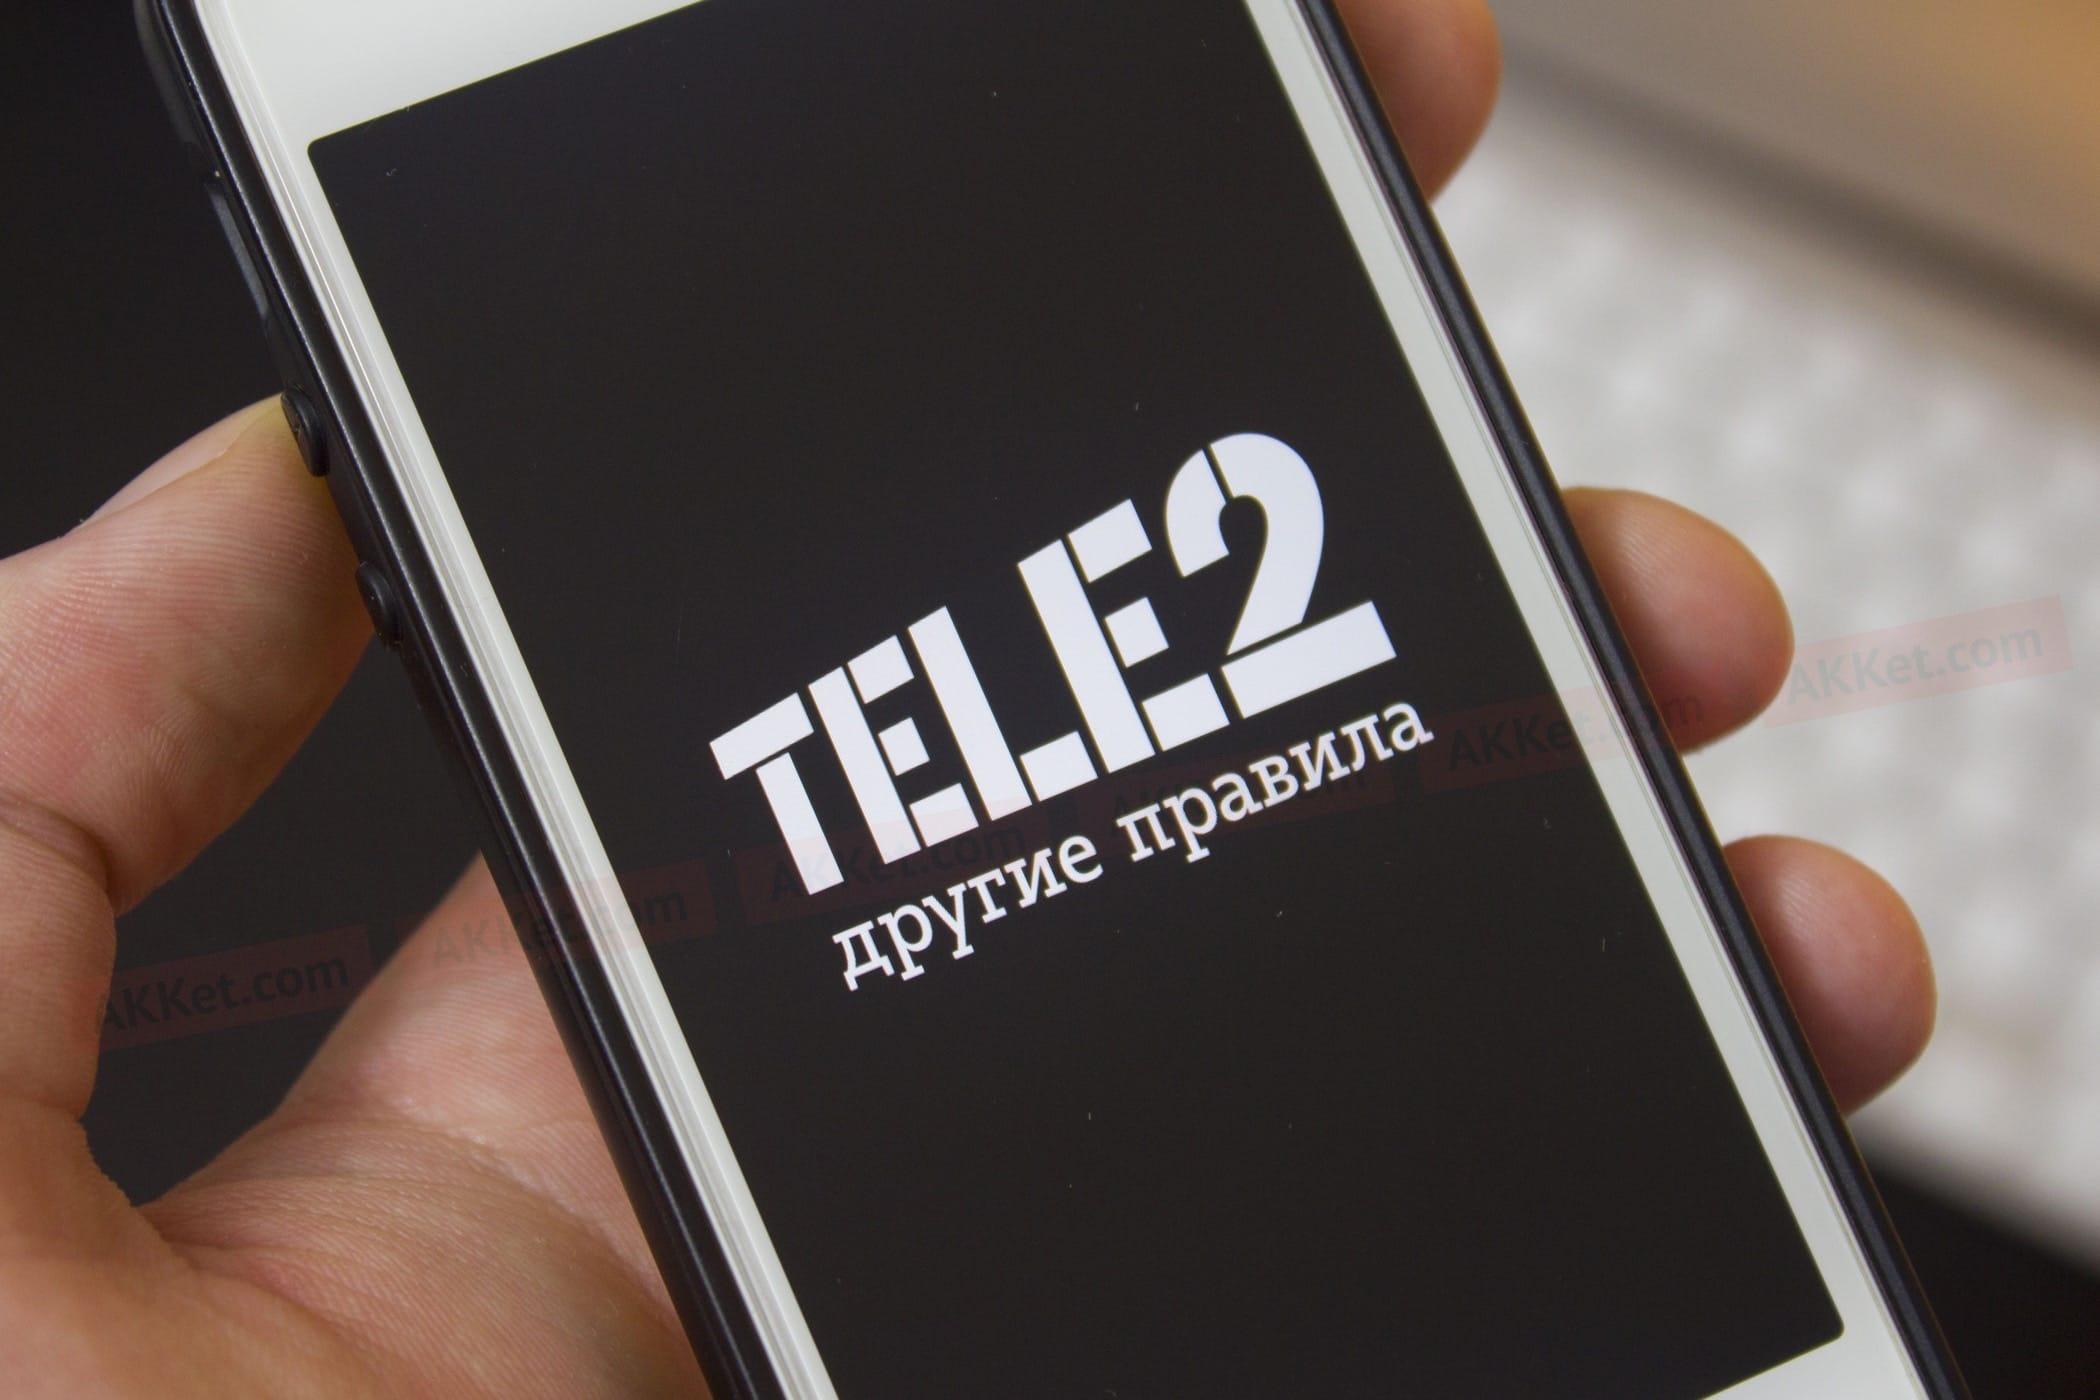 Как сделать бесплатный интернет на телефоне теле2 фото 697